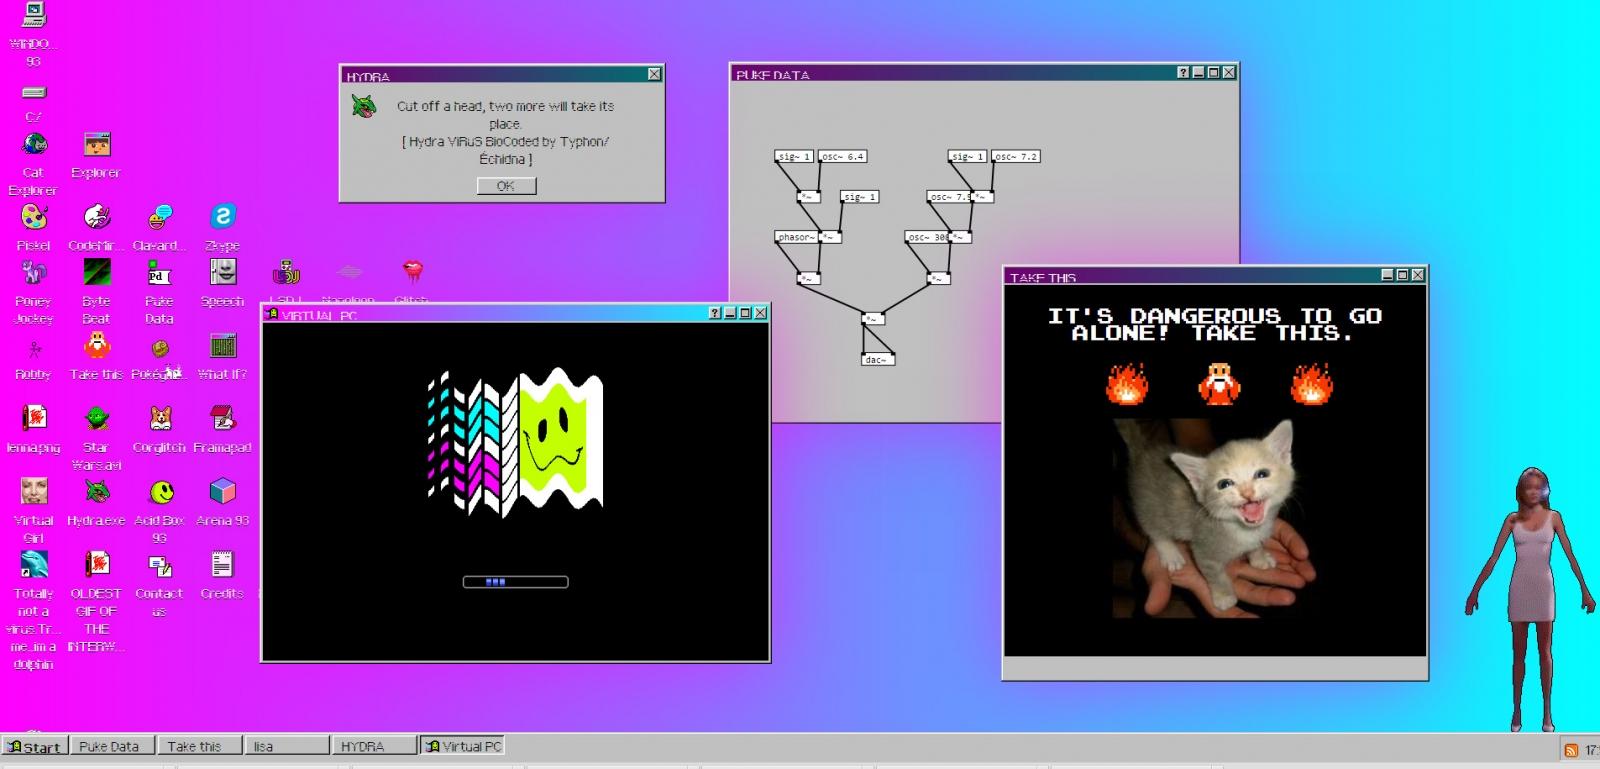 Windows 93